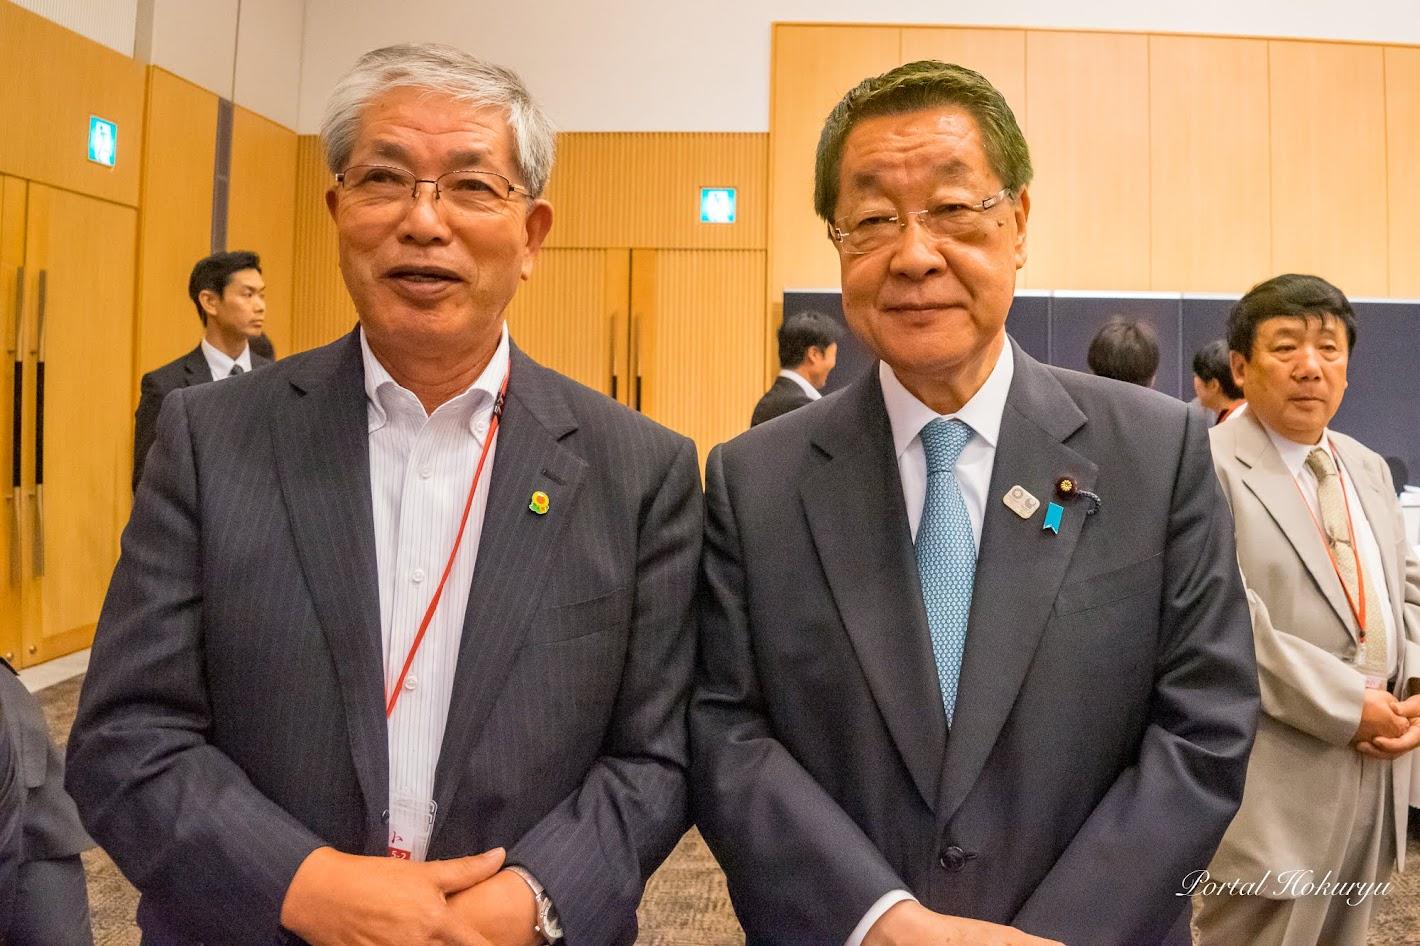 吉川貴盛 農林水産大臣(右)、黒千石事業協同組合(北竜町)高田幸男 理事長